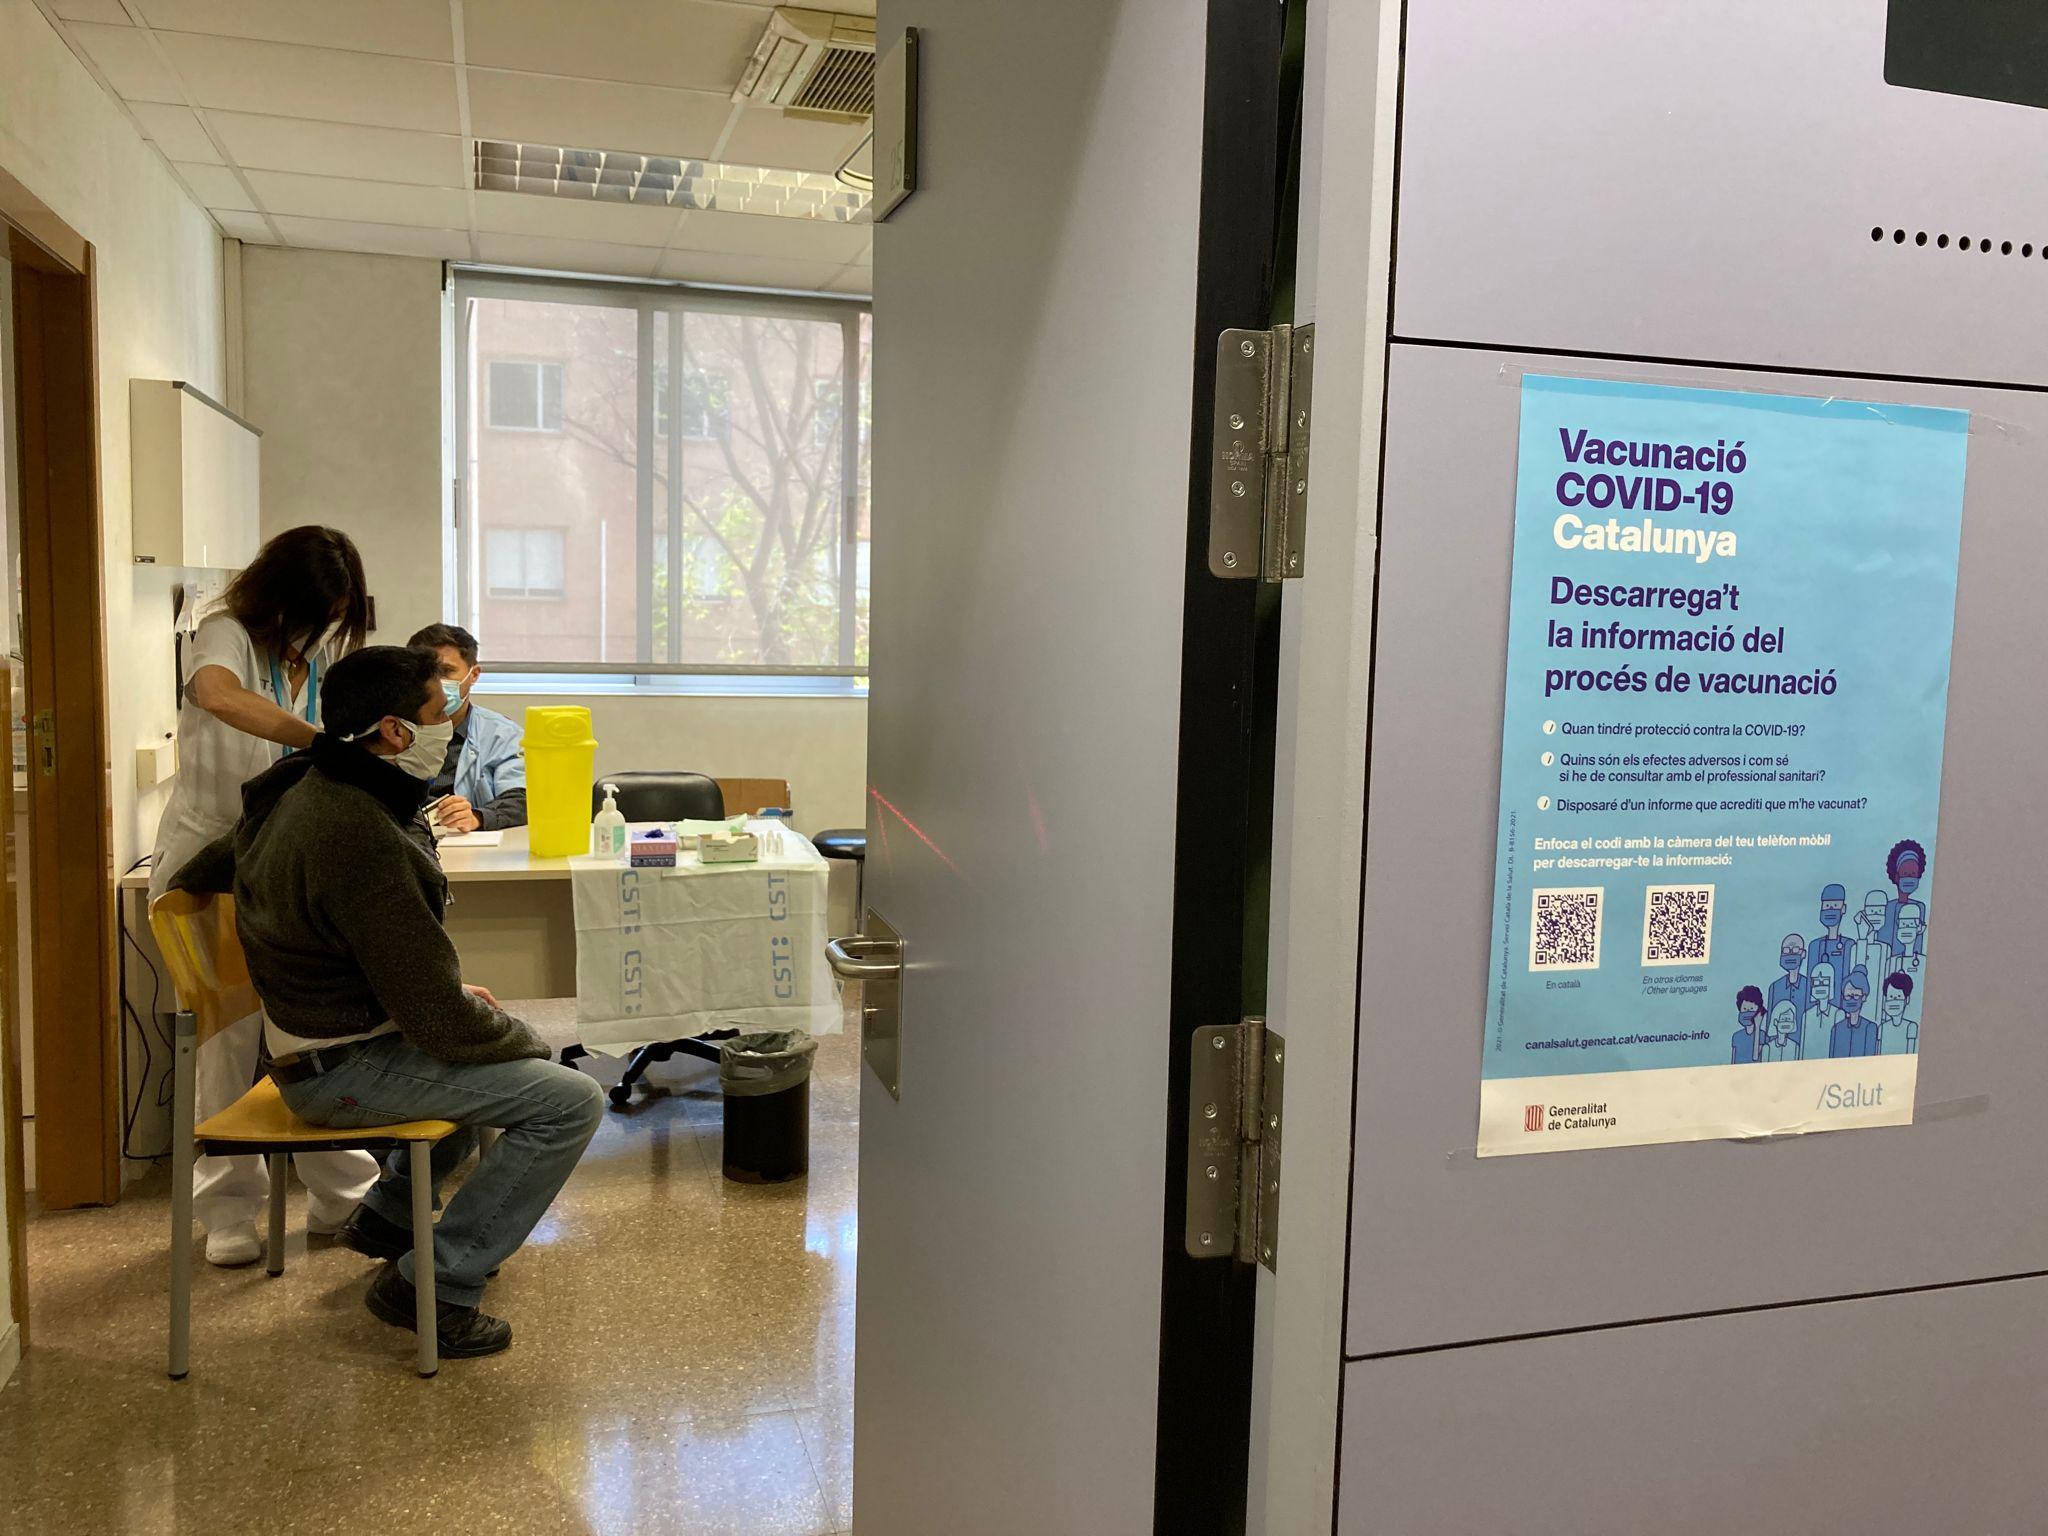 Vacunació en un dels punts organitzats pel Consorci Sanitari de Terrassa   CST